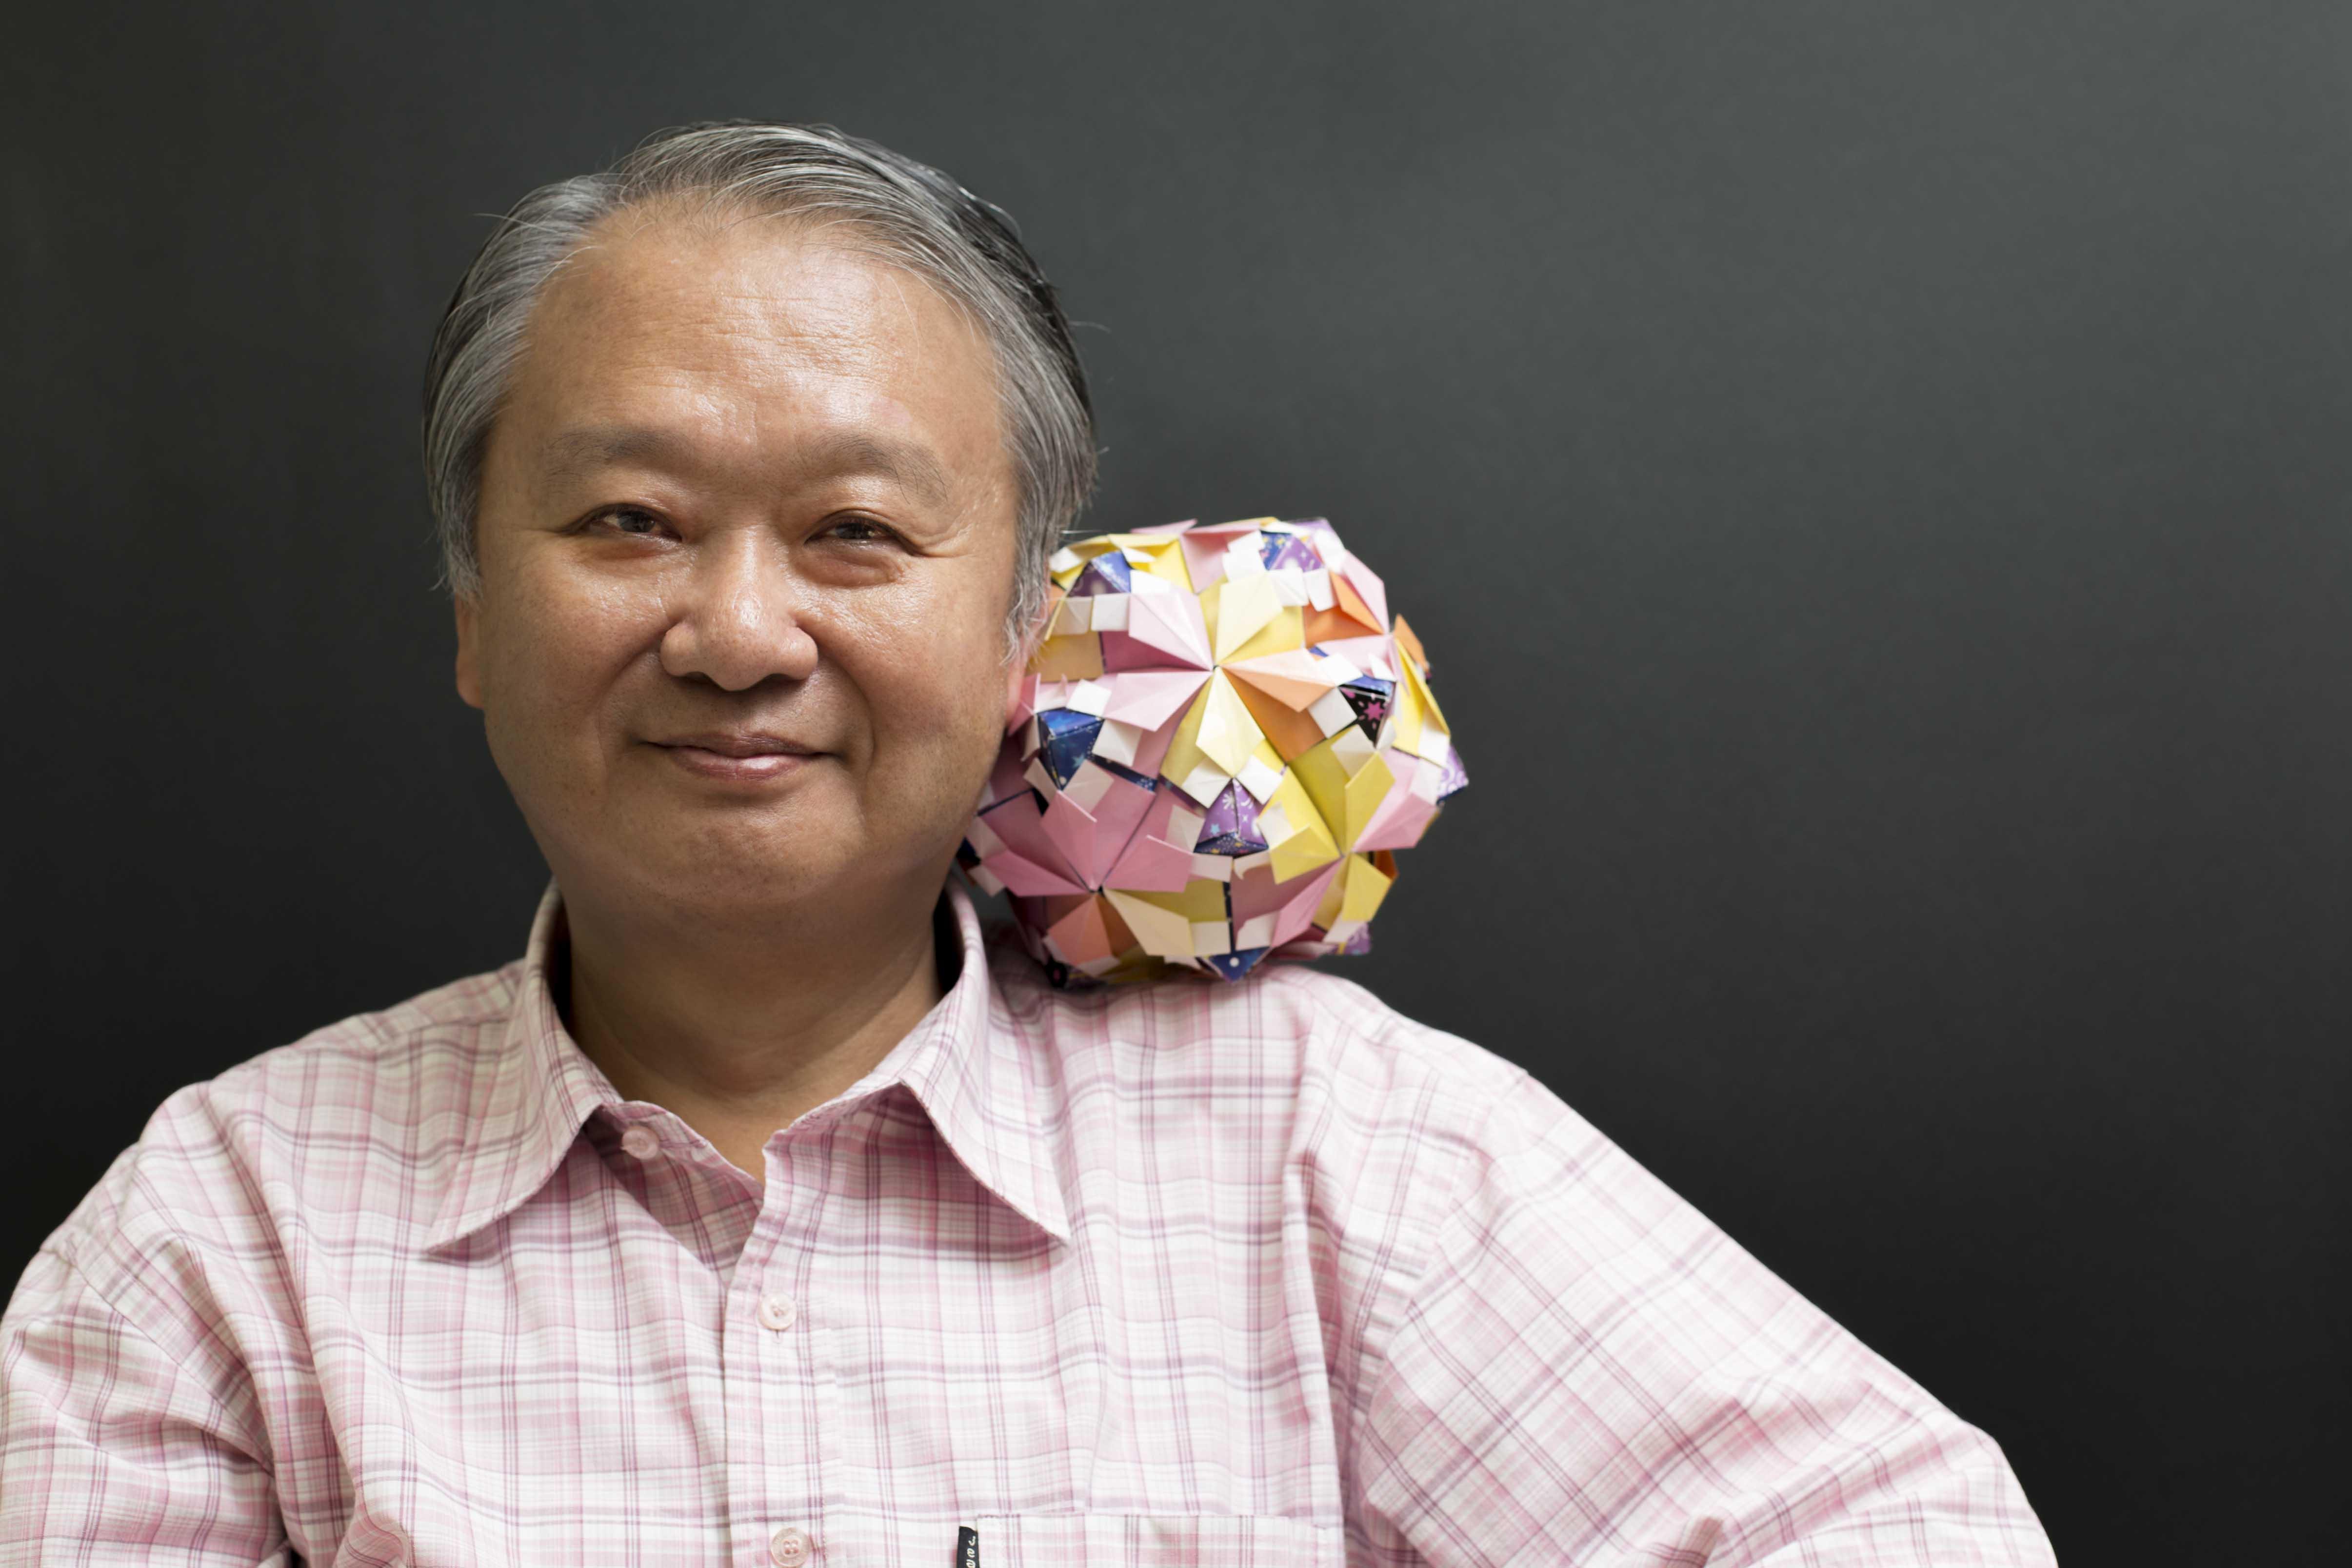 李國偉秀出一顆球形的組合摺紙,是女兒先用紙張摺了許多小元件,再將小元件組成球形結構。「這很不簡單,曾經掉到地上散了,只好再請我女兒把它組回來。」 攝影│張語辰